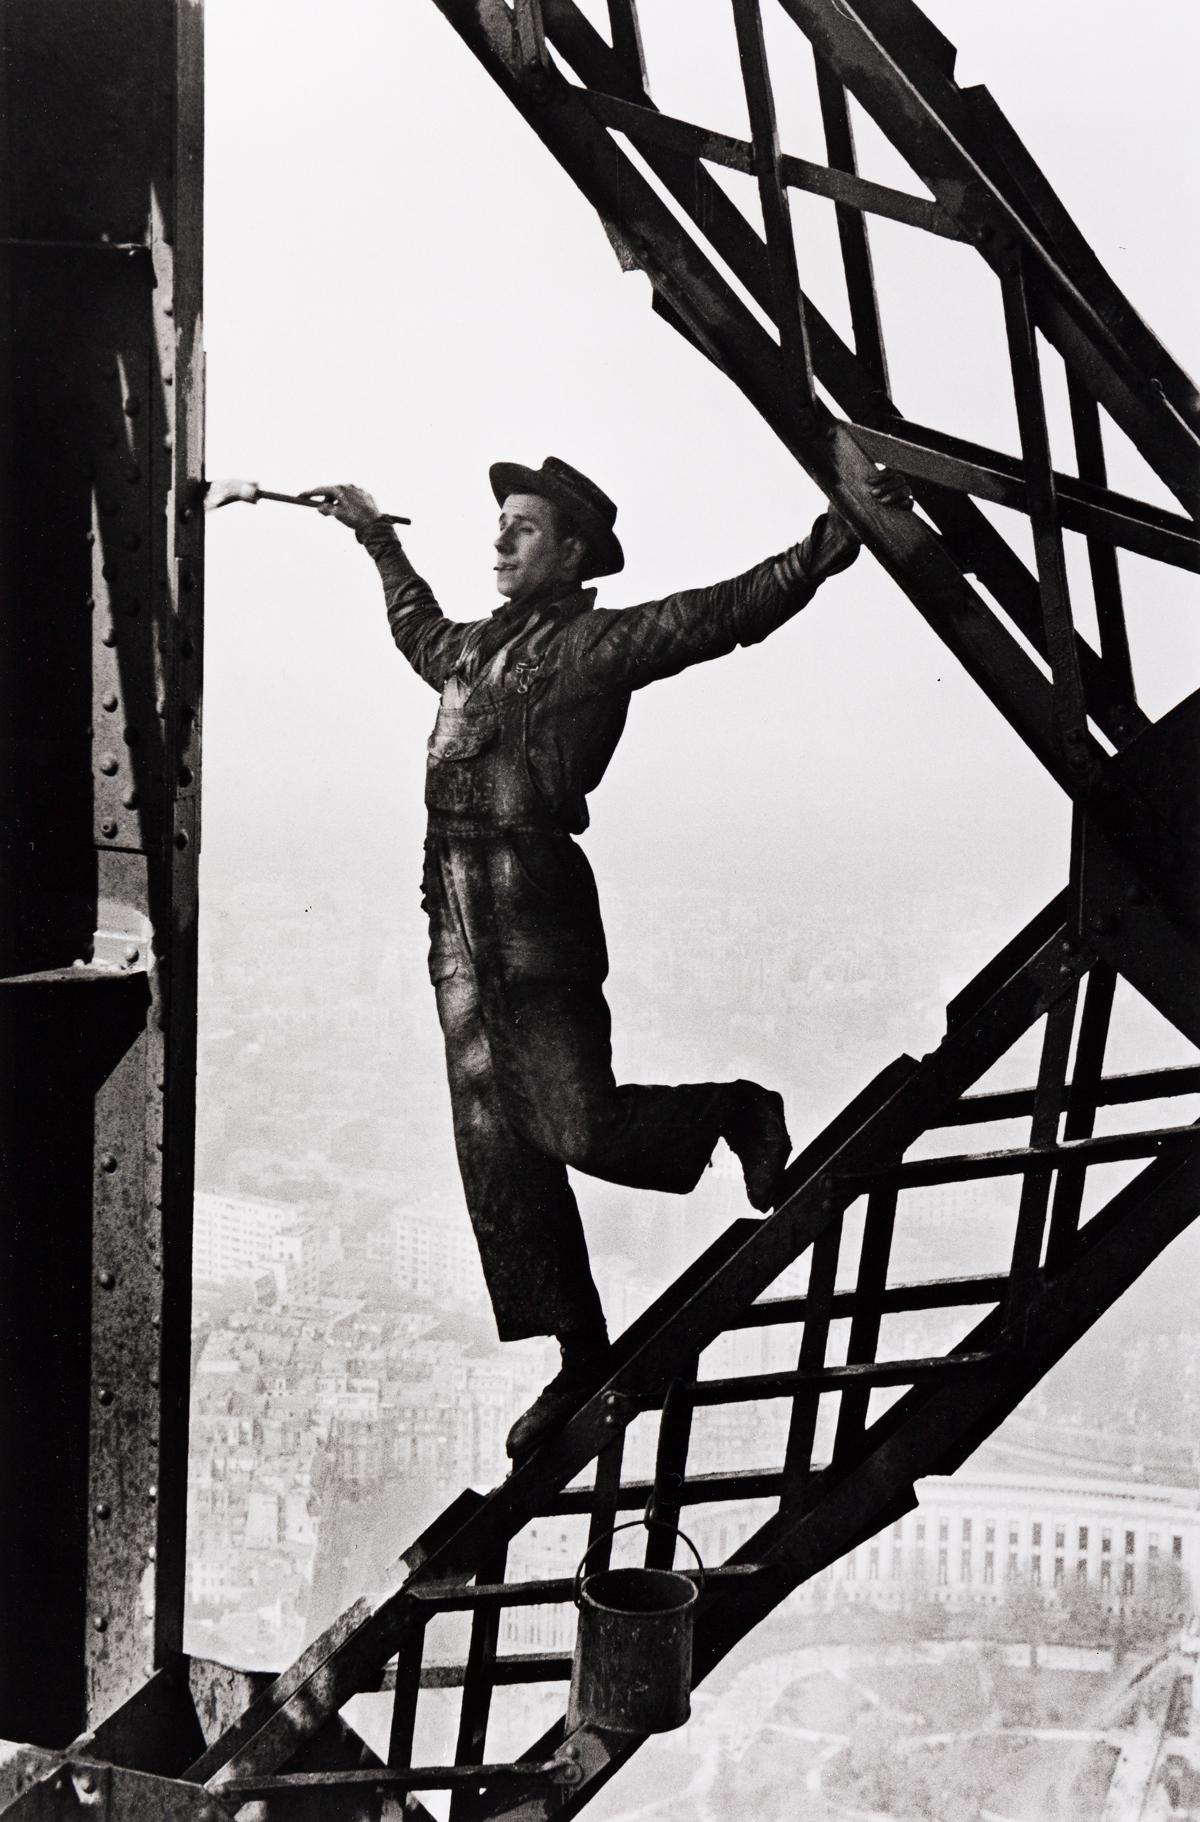 MARC RIBOUD (1923-2016) Painter on the Eiffel Tower, Paris.